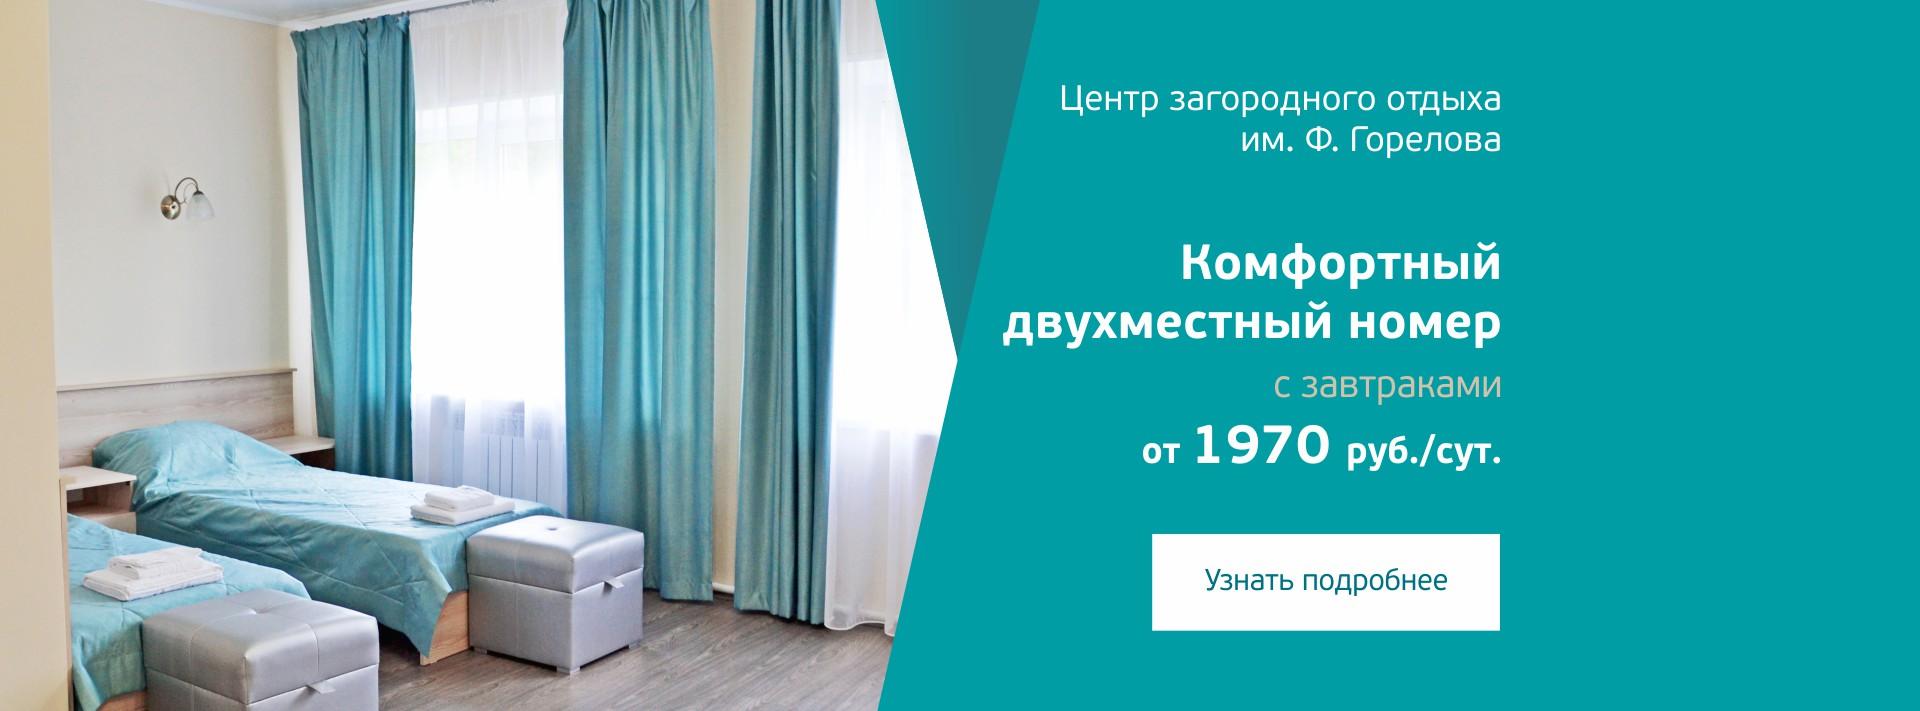 гостиница номер